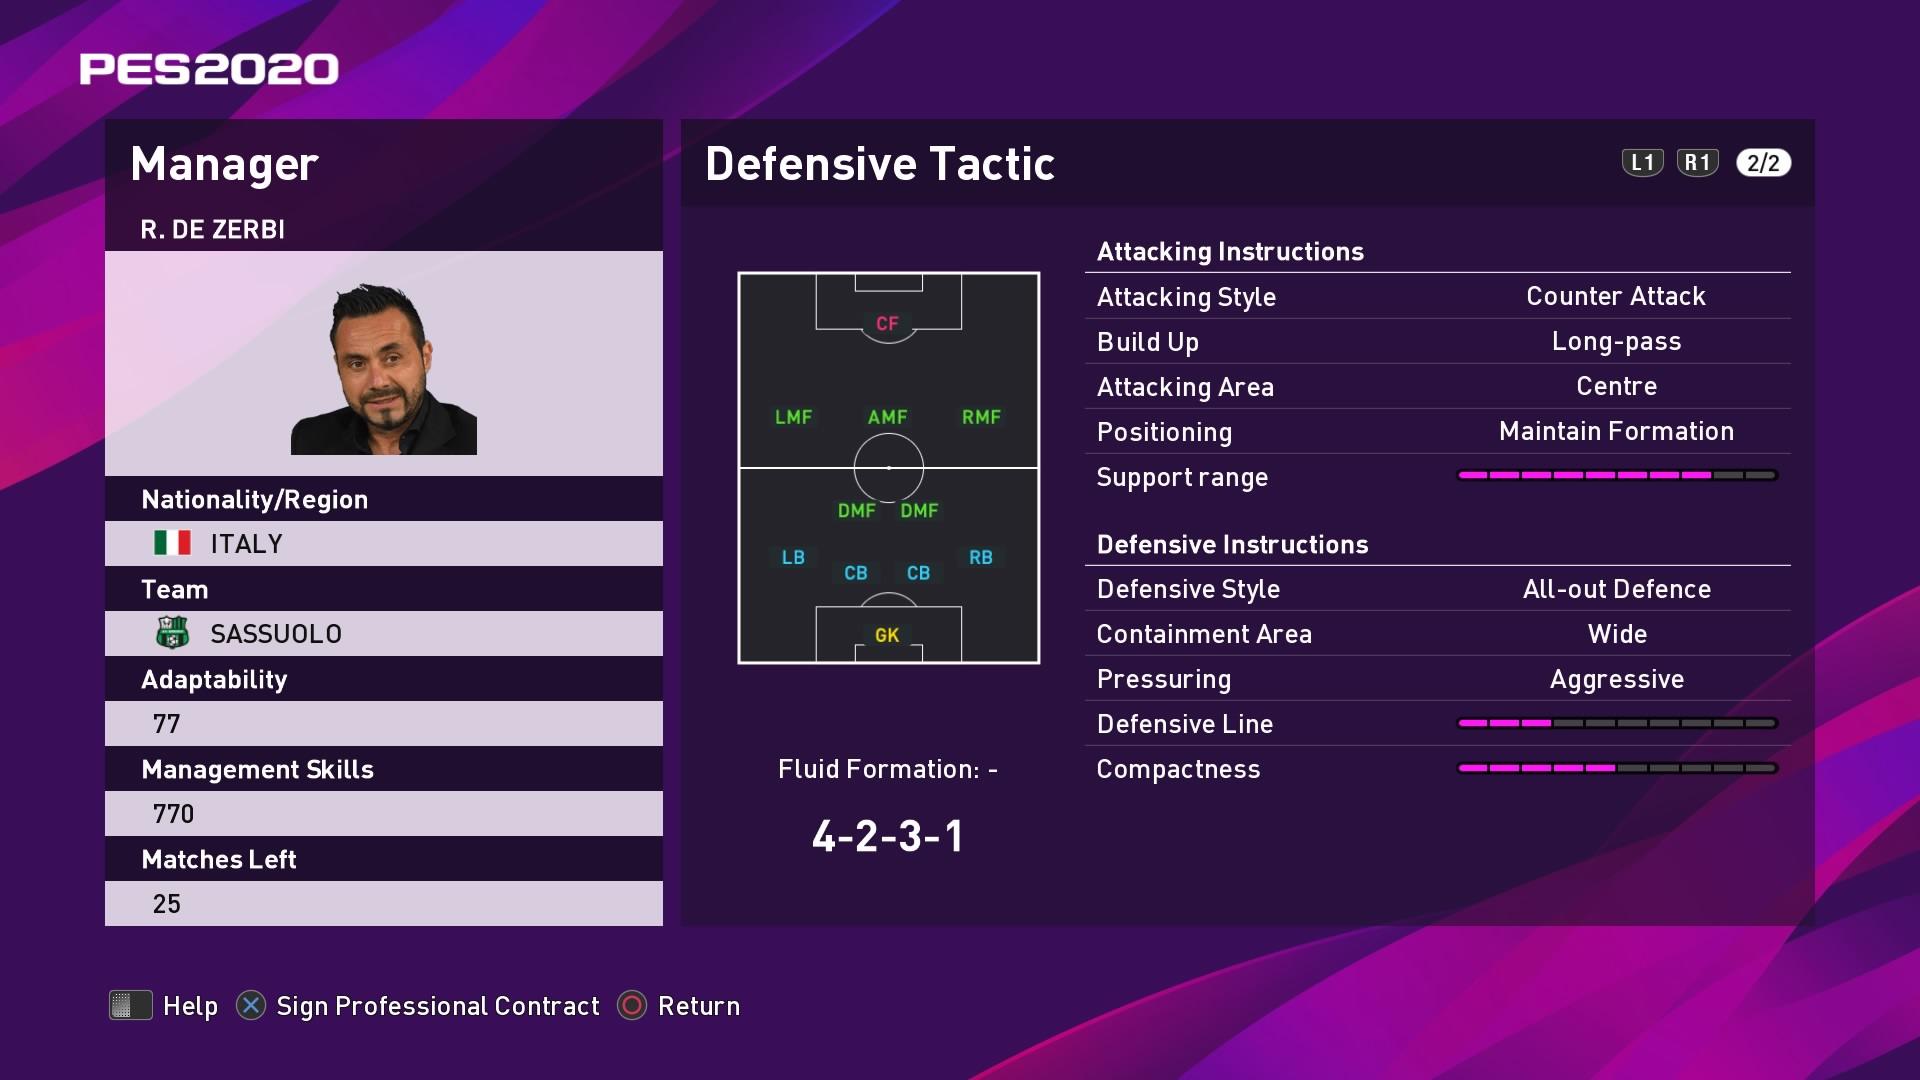 R. De Zerbi (Roberto De Zerbi) Defensive Tactic in PES 2020 myClub